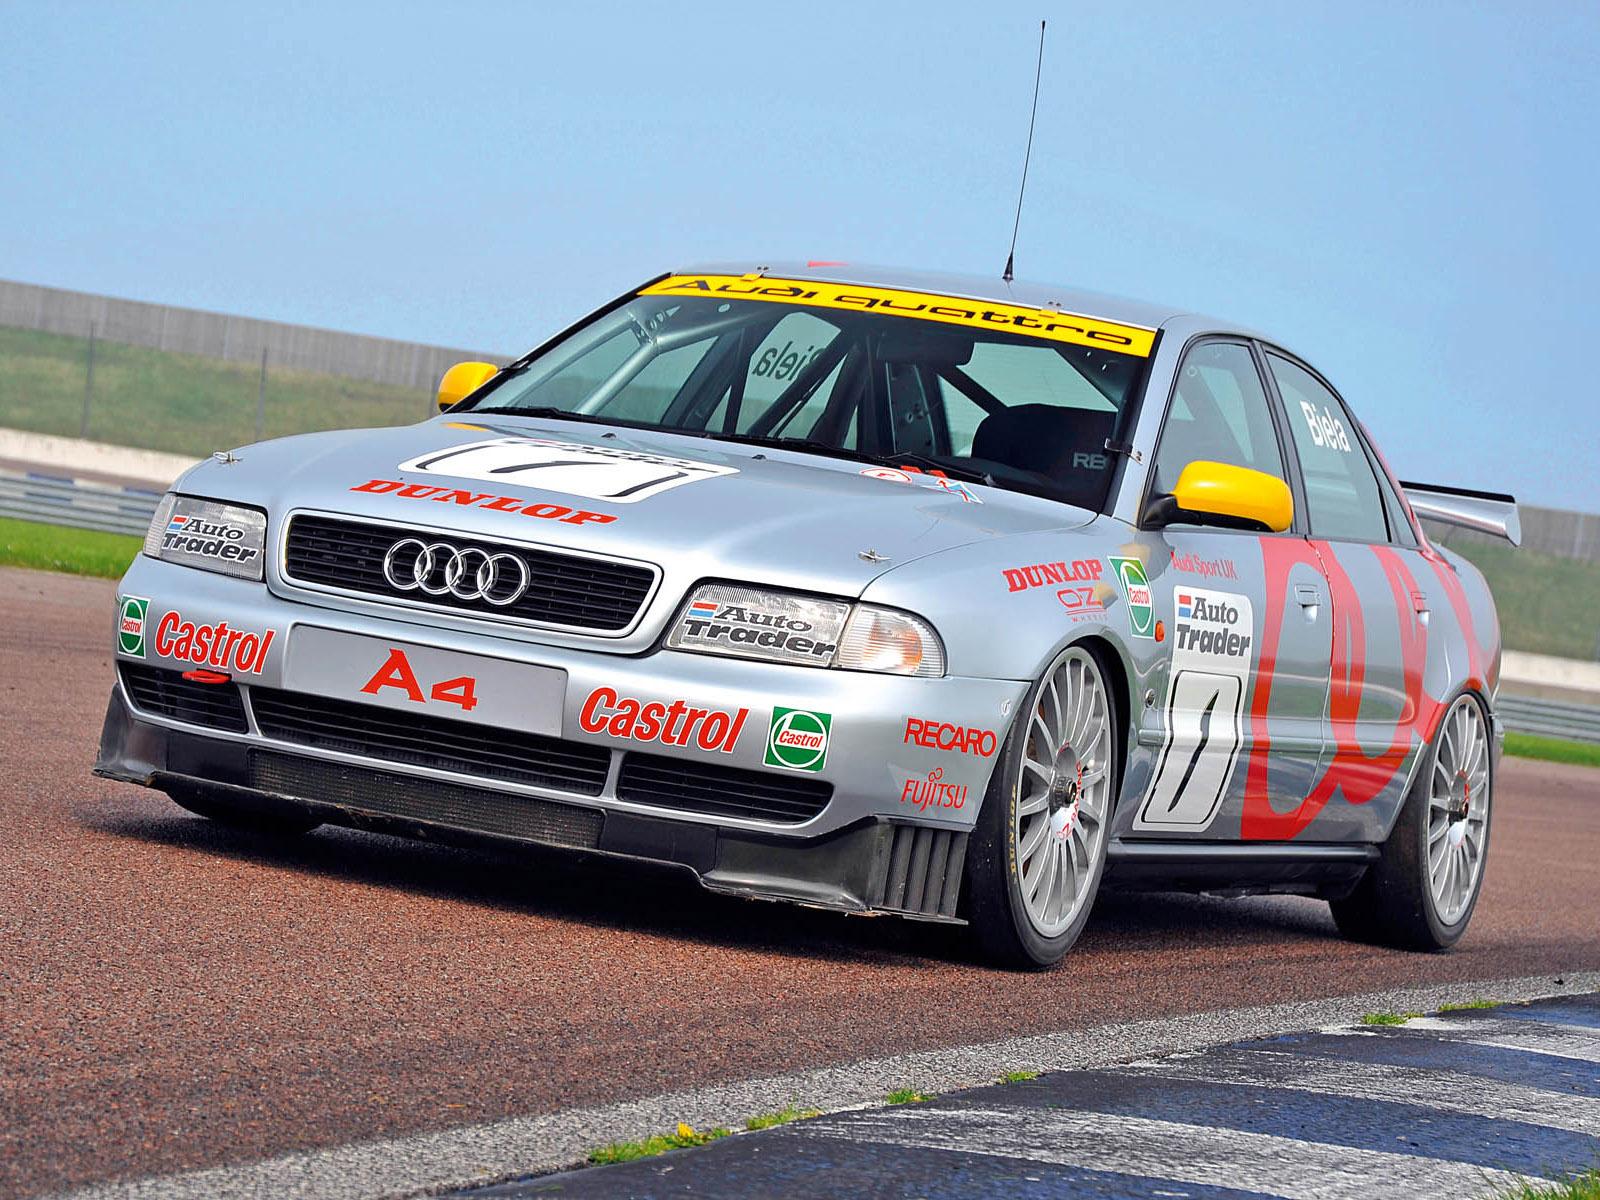 1996 Audi A4 Quattro BTCC race racing a 4 d wallpaper 1600x1200 1600x1200